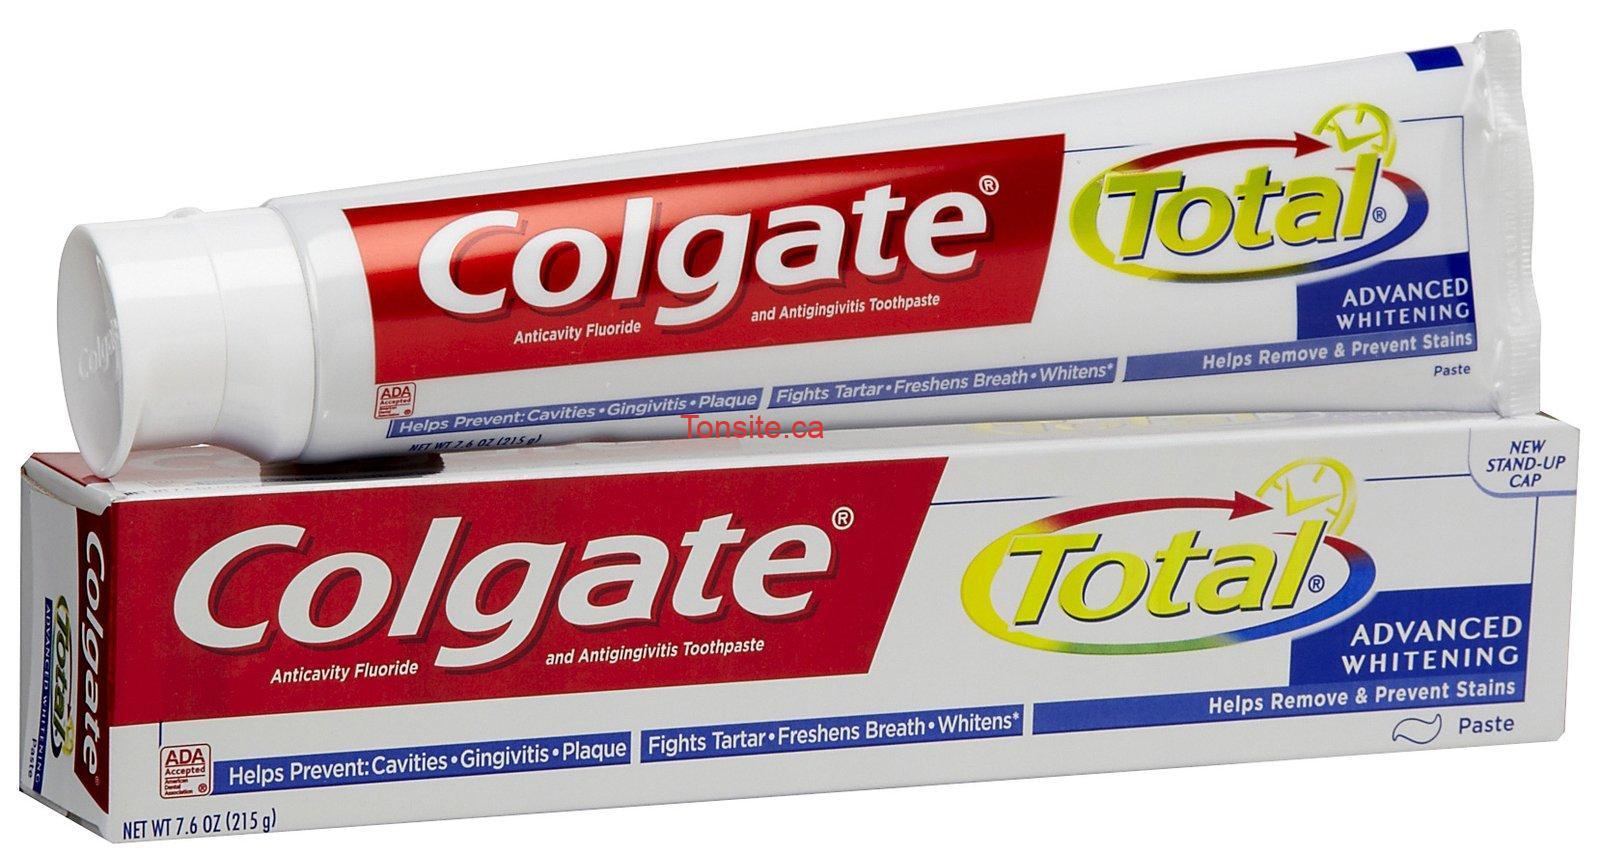 colgate total advanced - Dentifrice Colgate GRATUIT après coupon